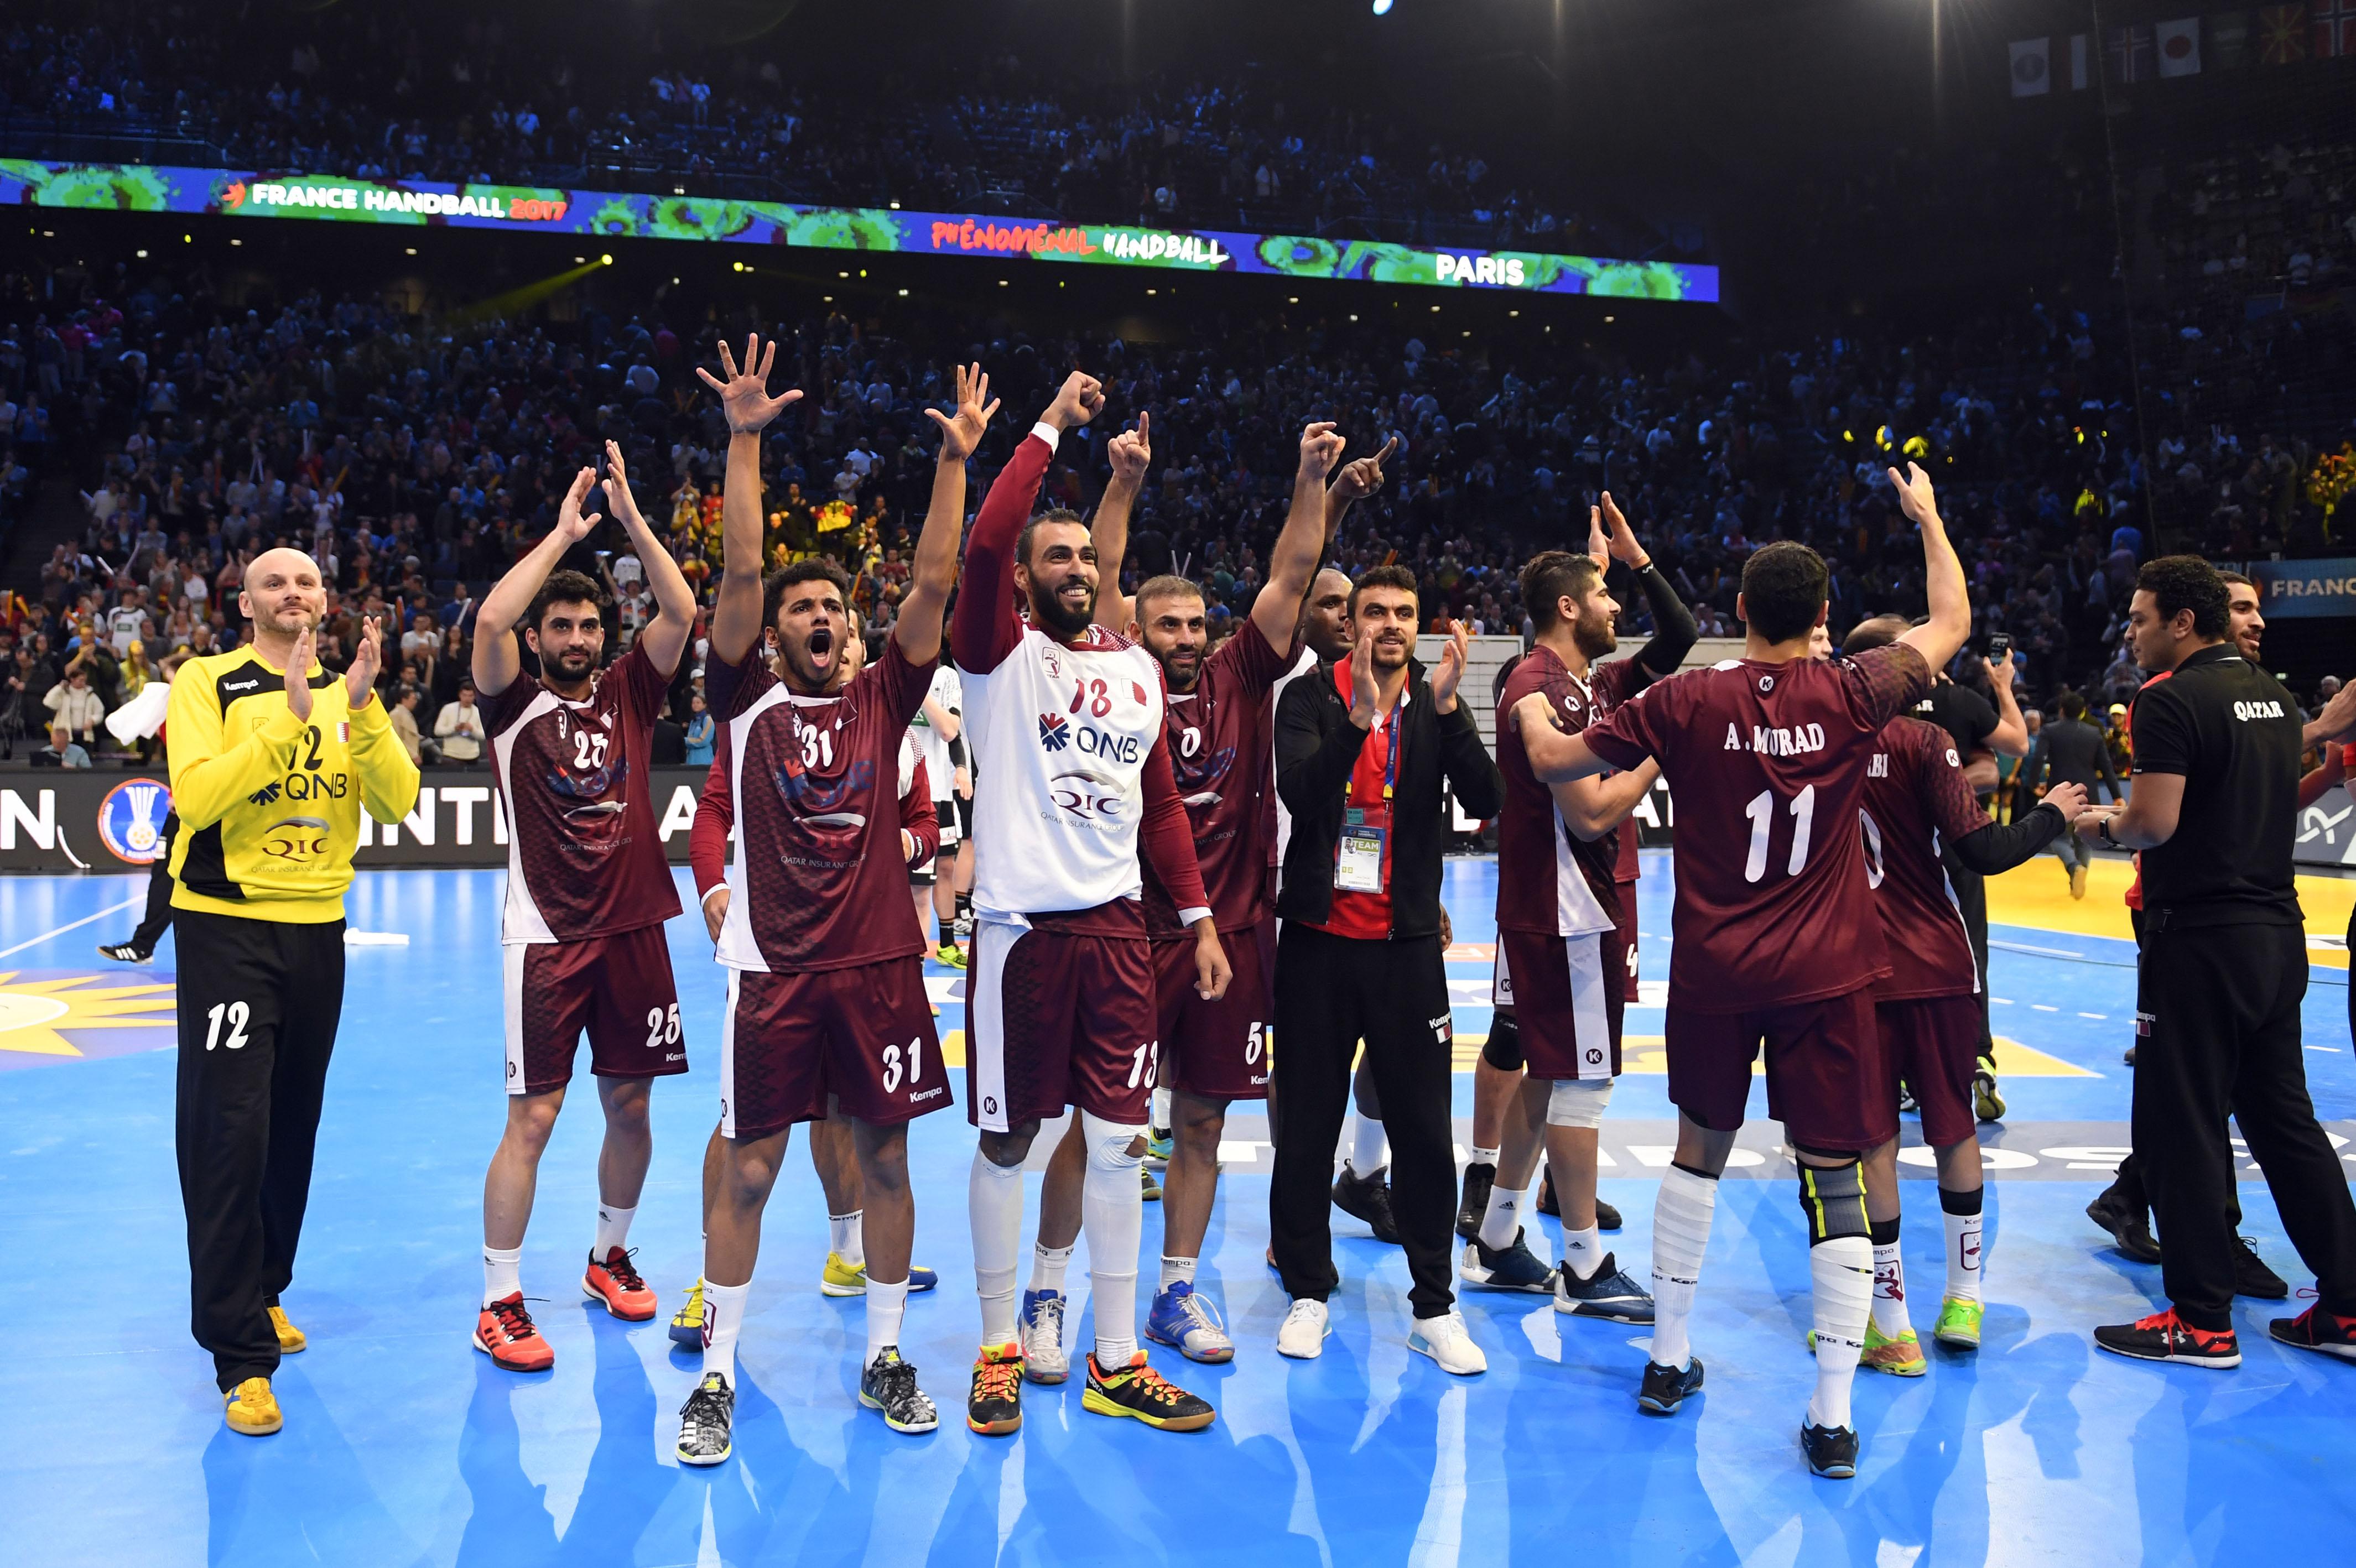 La belle joie des Qataris après leur victoire inespérée.